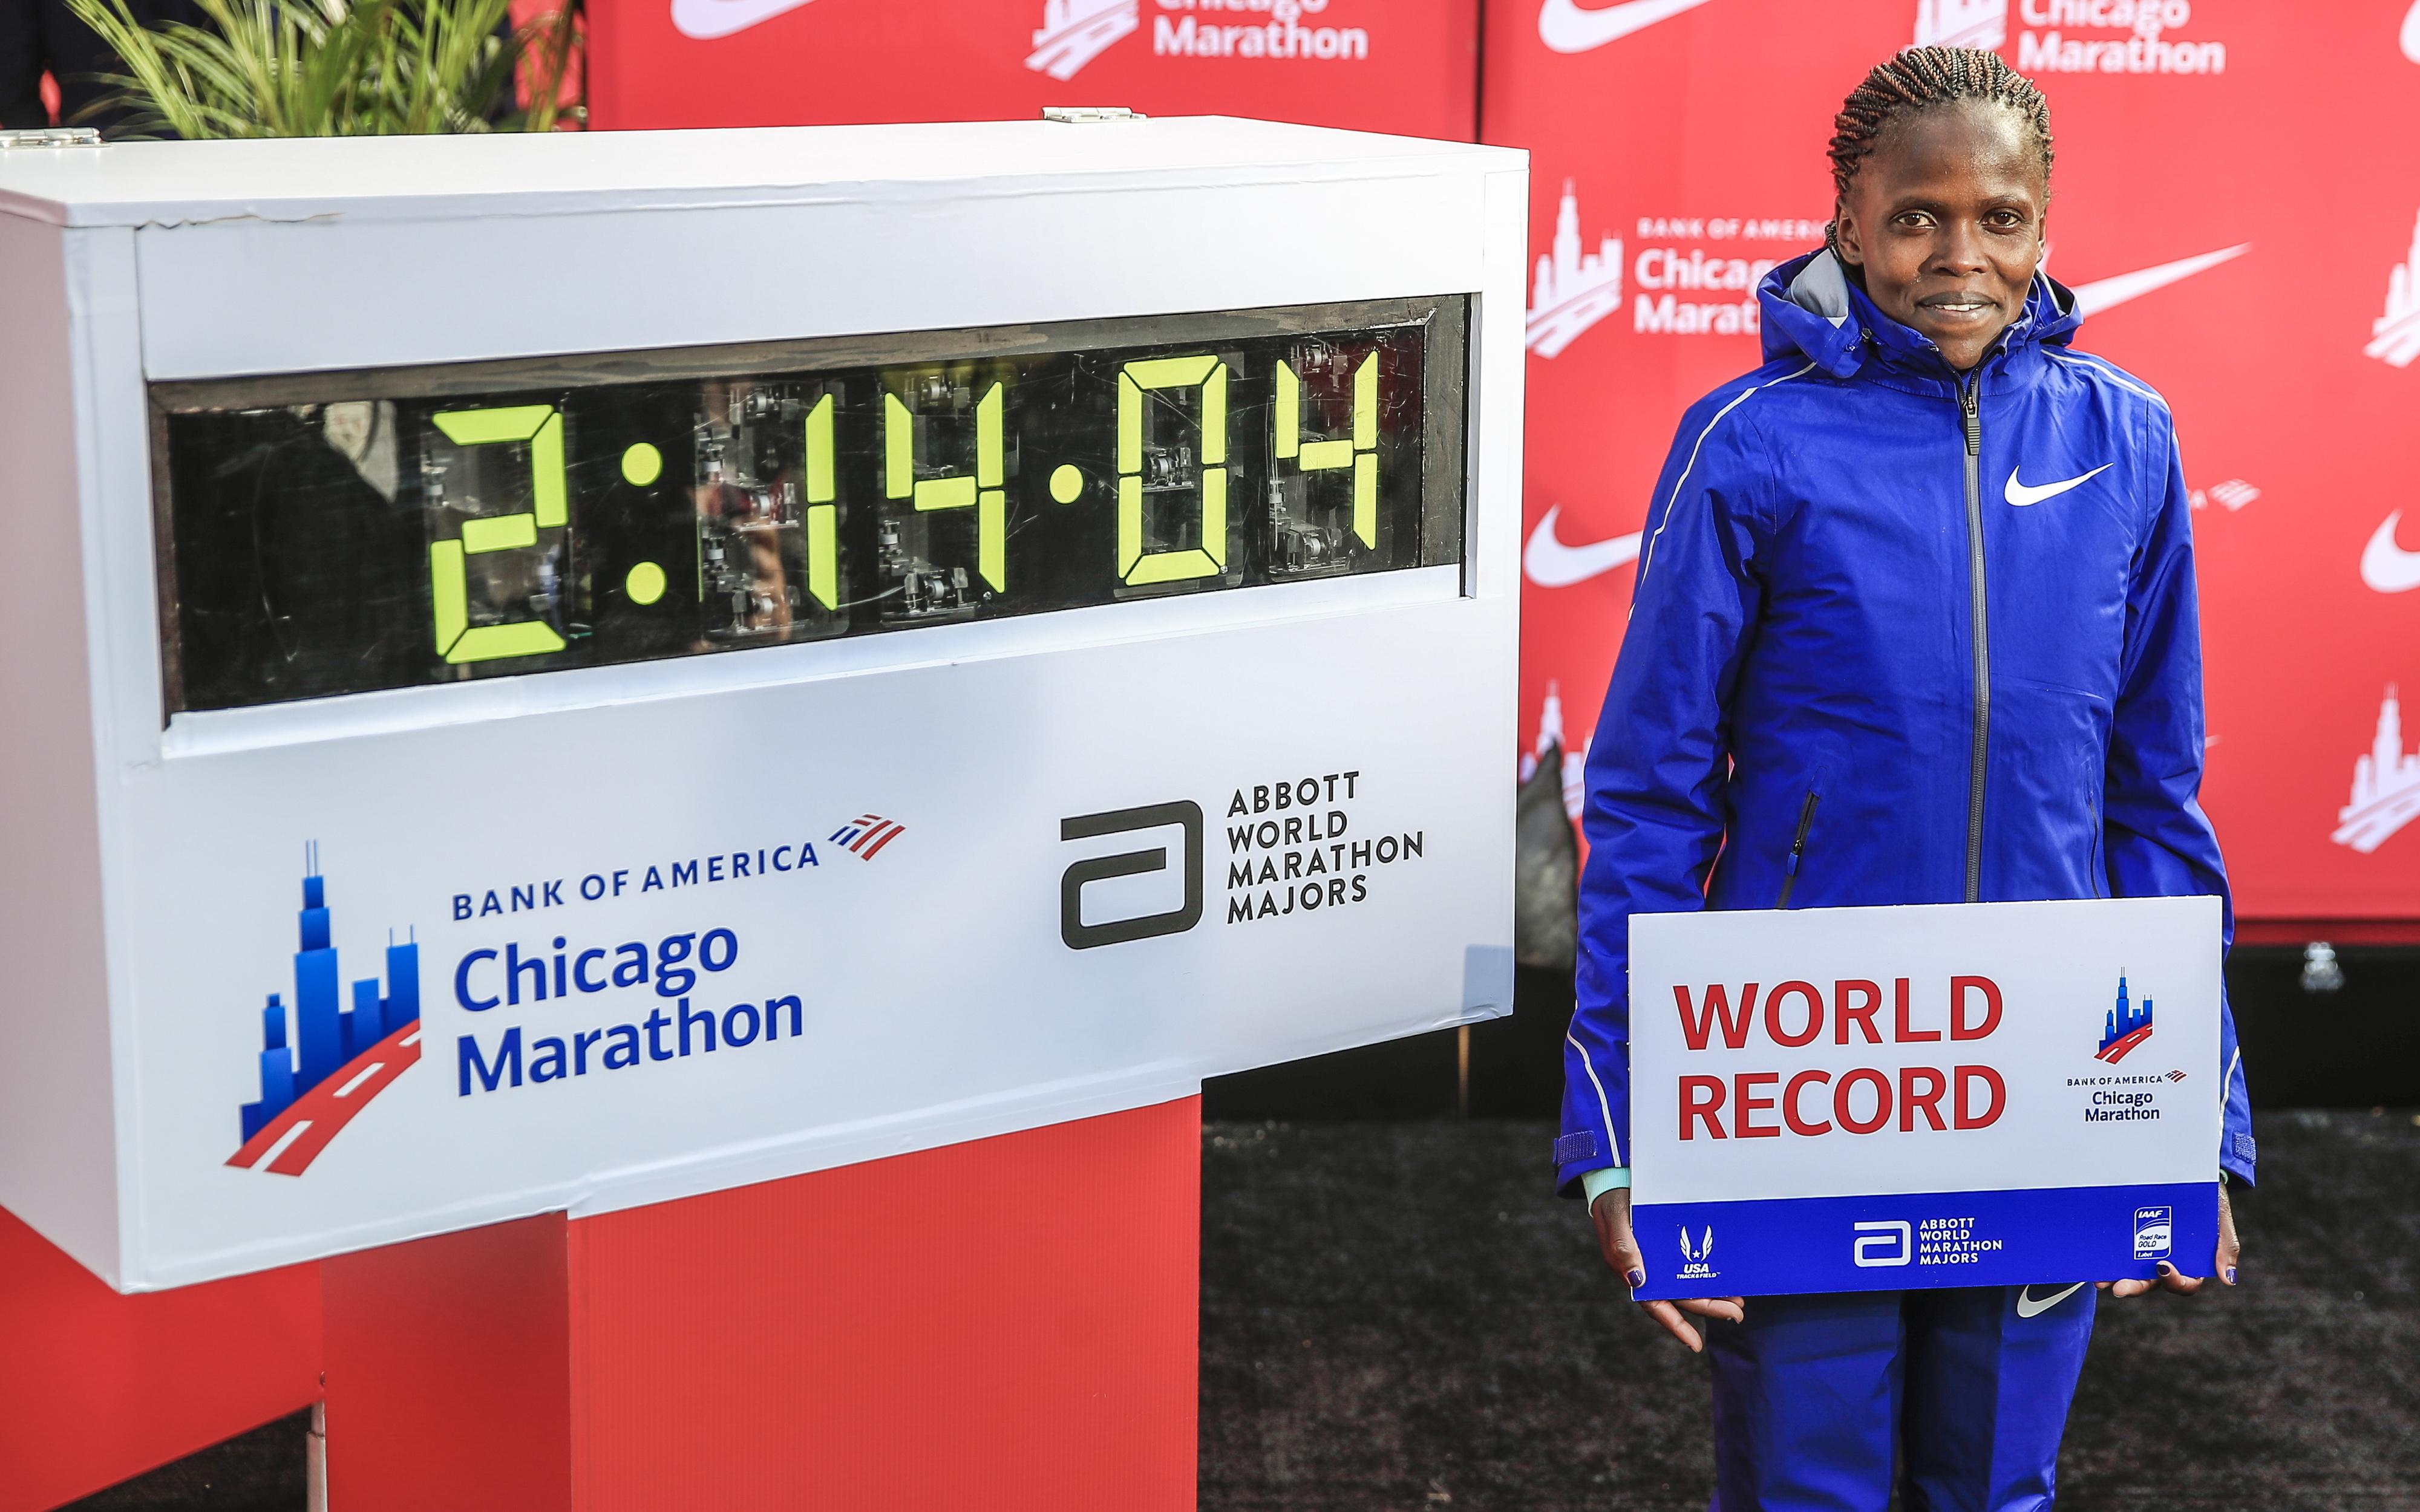 Kosgei fez um tempo parcial mais rápido do que Mo Farah na maratona de Chicago